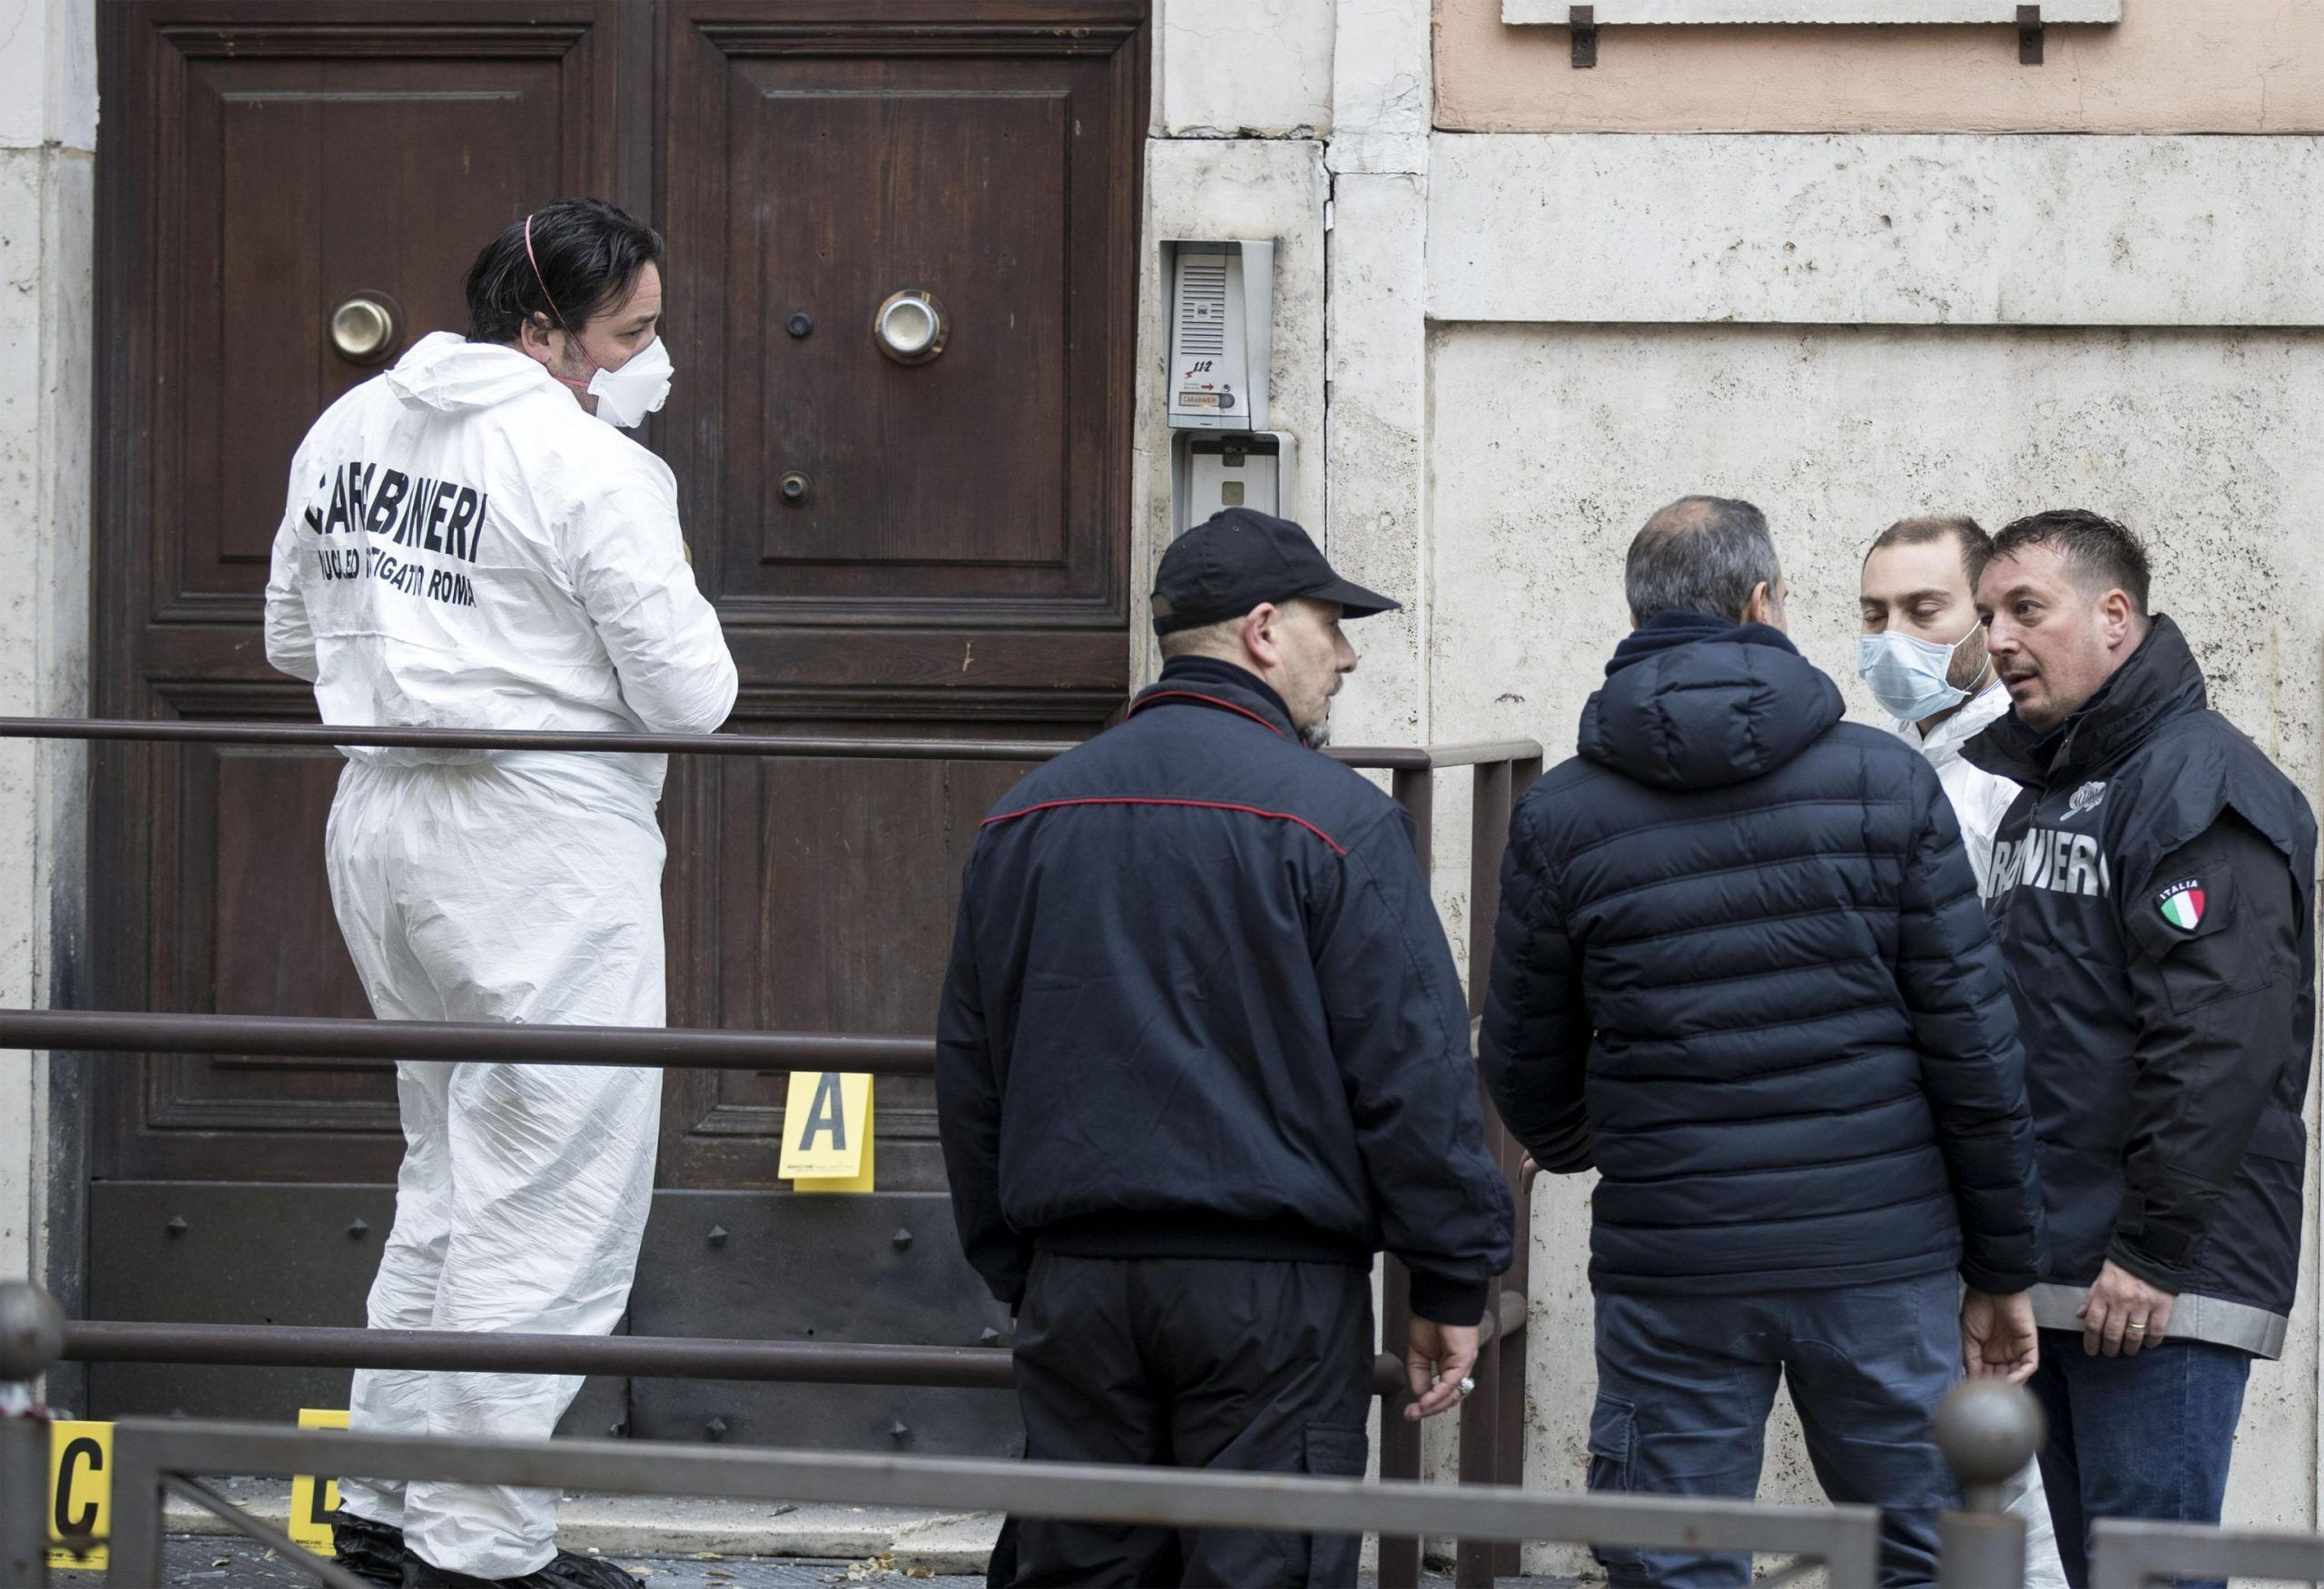 Ordigno esplode davanti stazione cc a Roma